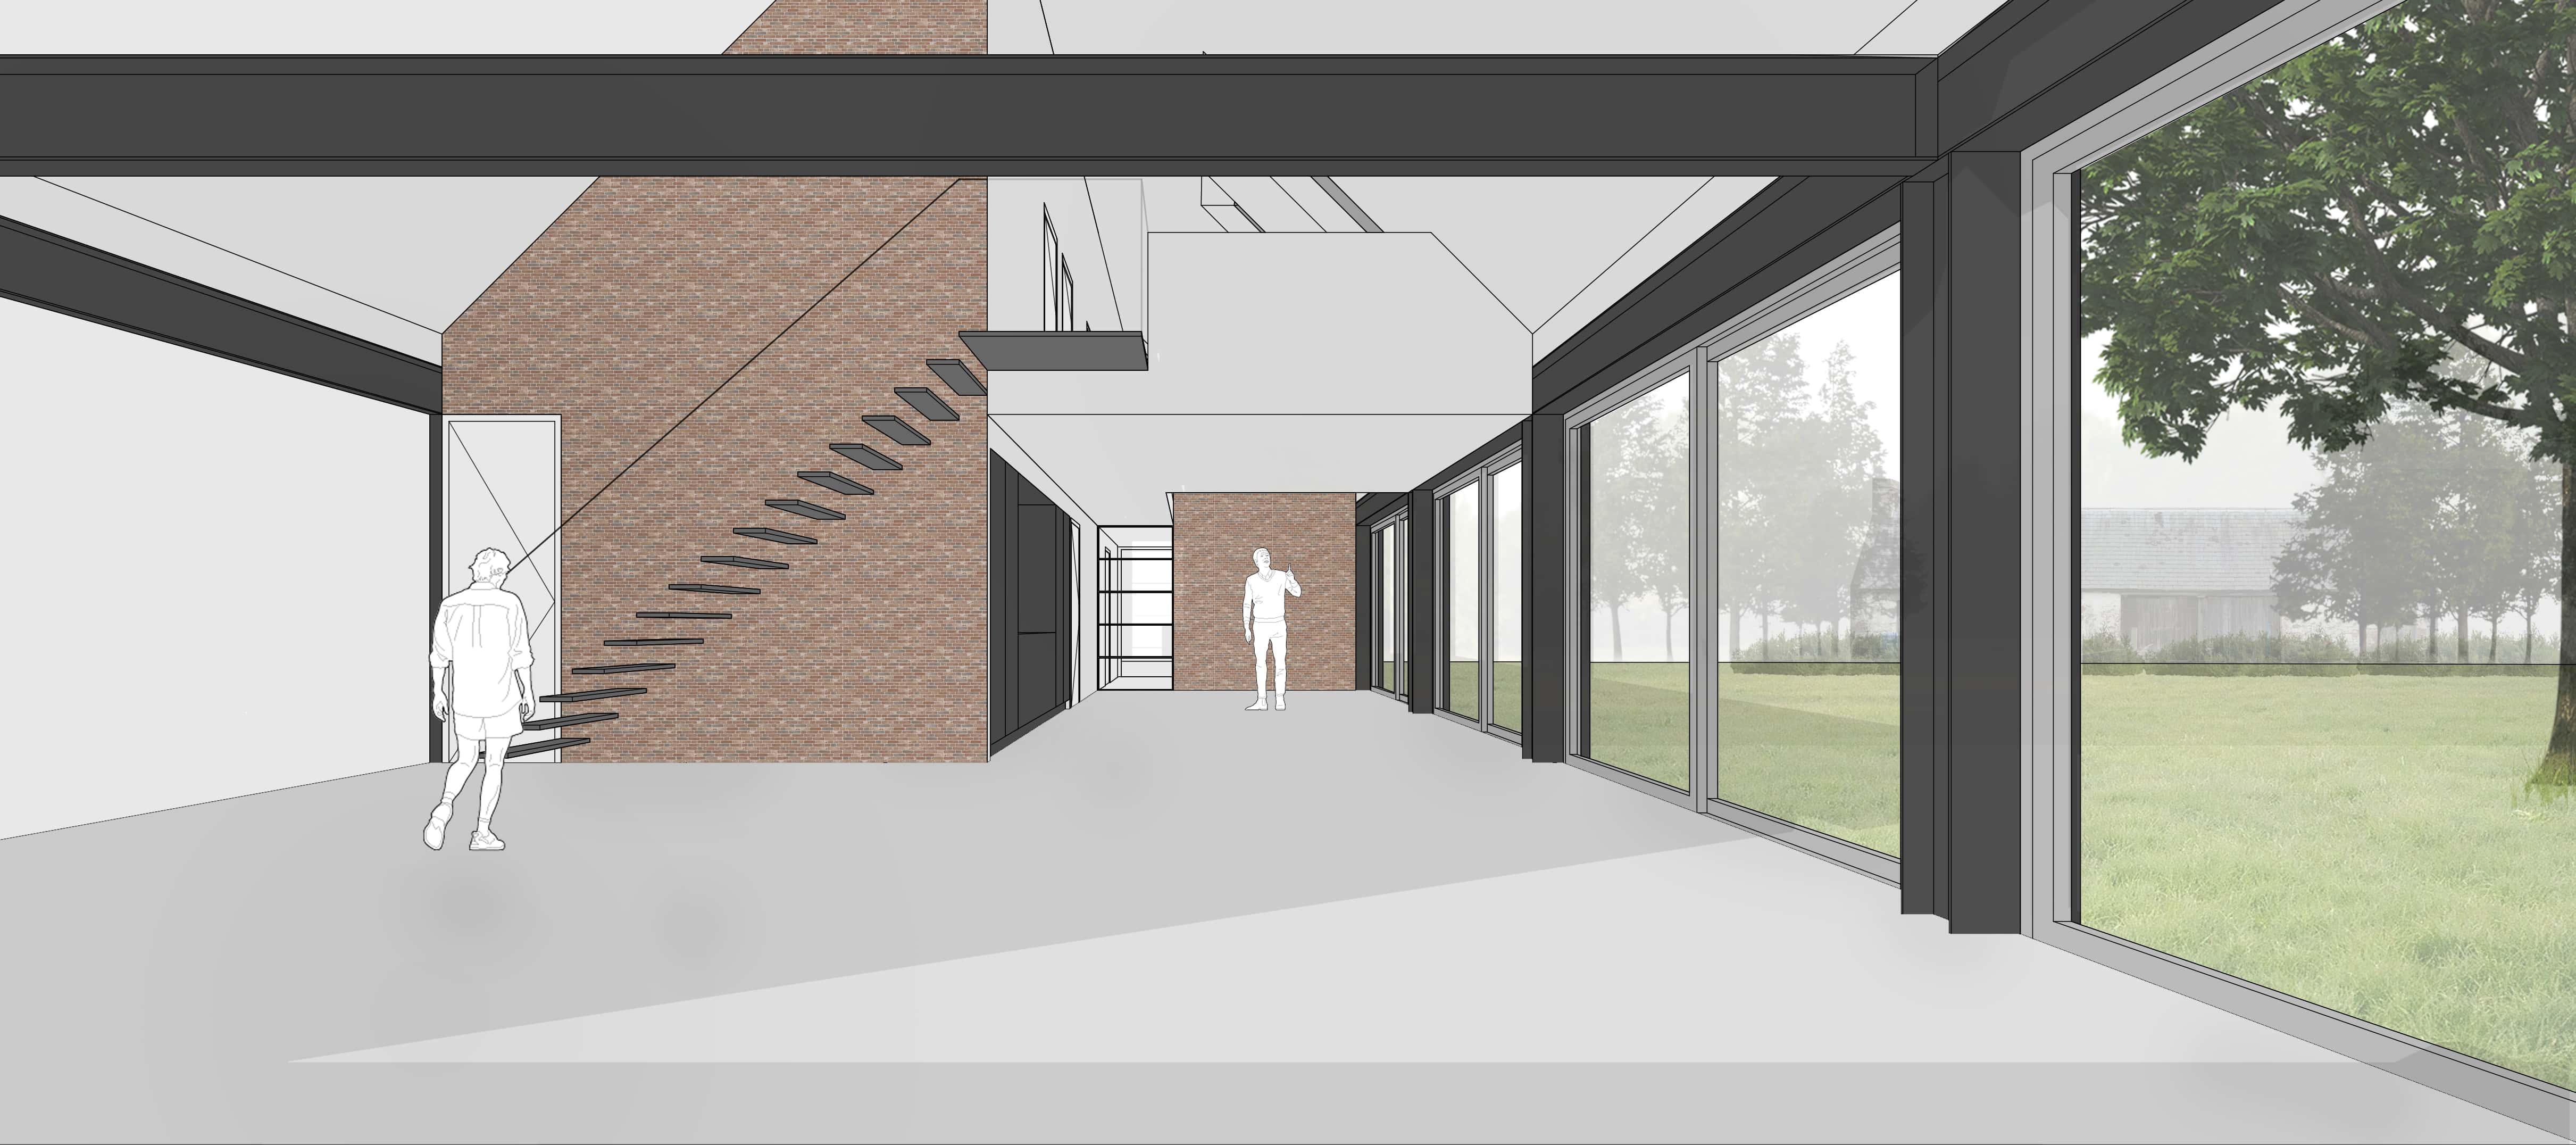 van Os Architecten, ontwerp moderne industriele woonboerderij Sevenum, perspectief interieur met 2 vides, zichtwerk metselwerk muren en glazen puien in stalen kader